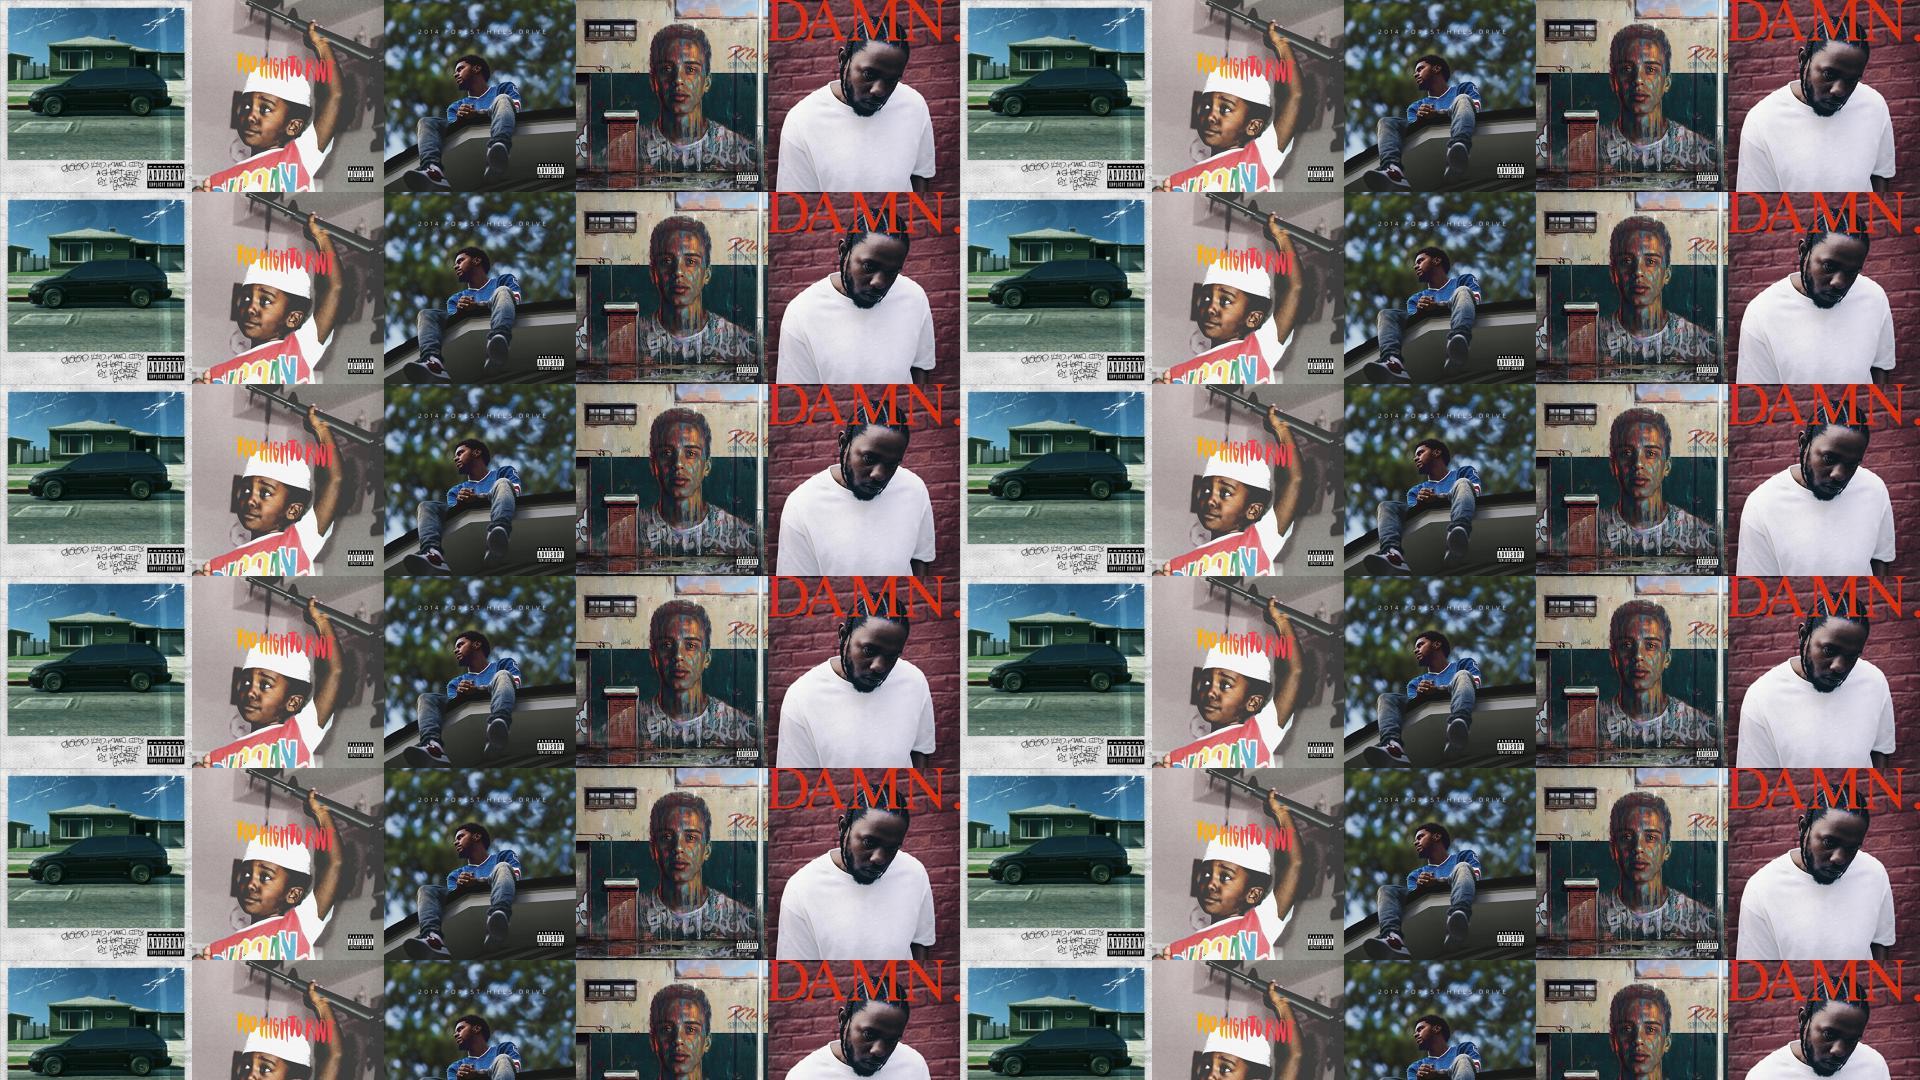 ec3225a0 Kendrick Lamar Good Kid M.A.A.D. City Bas Too Wallpaper « Tiled ...